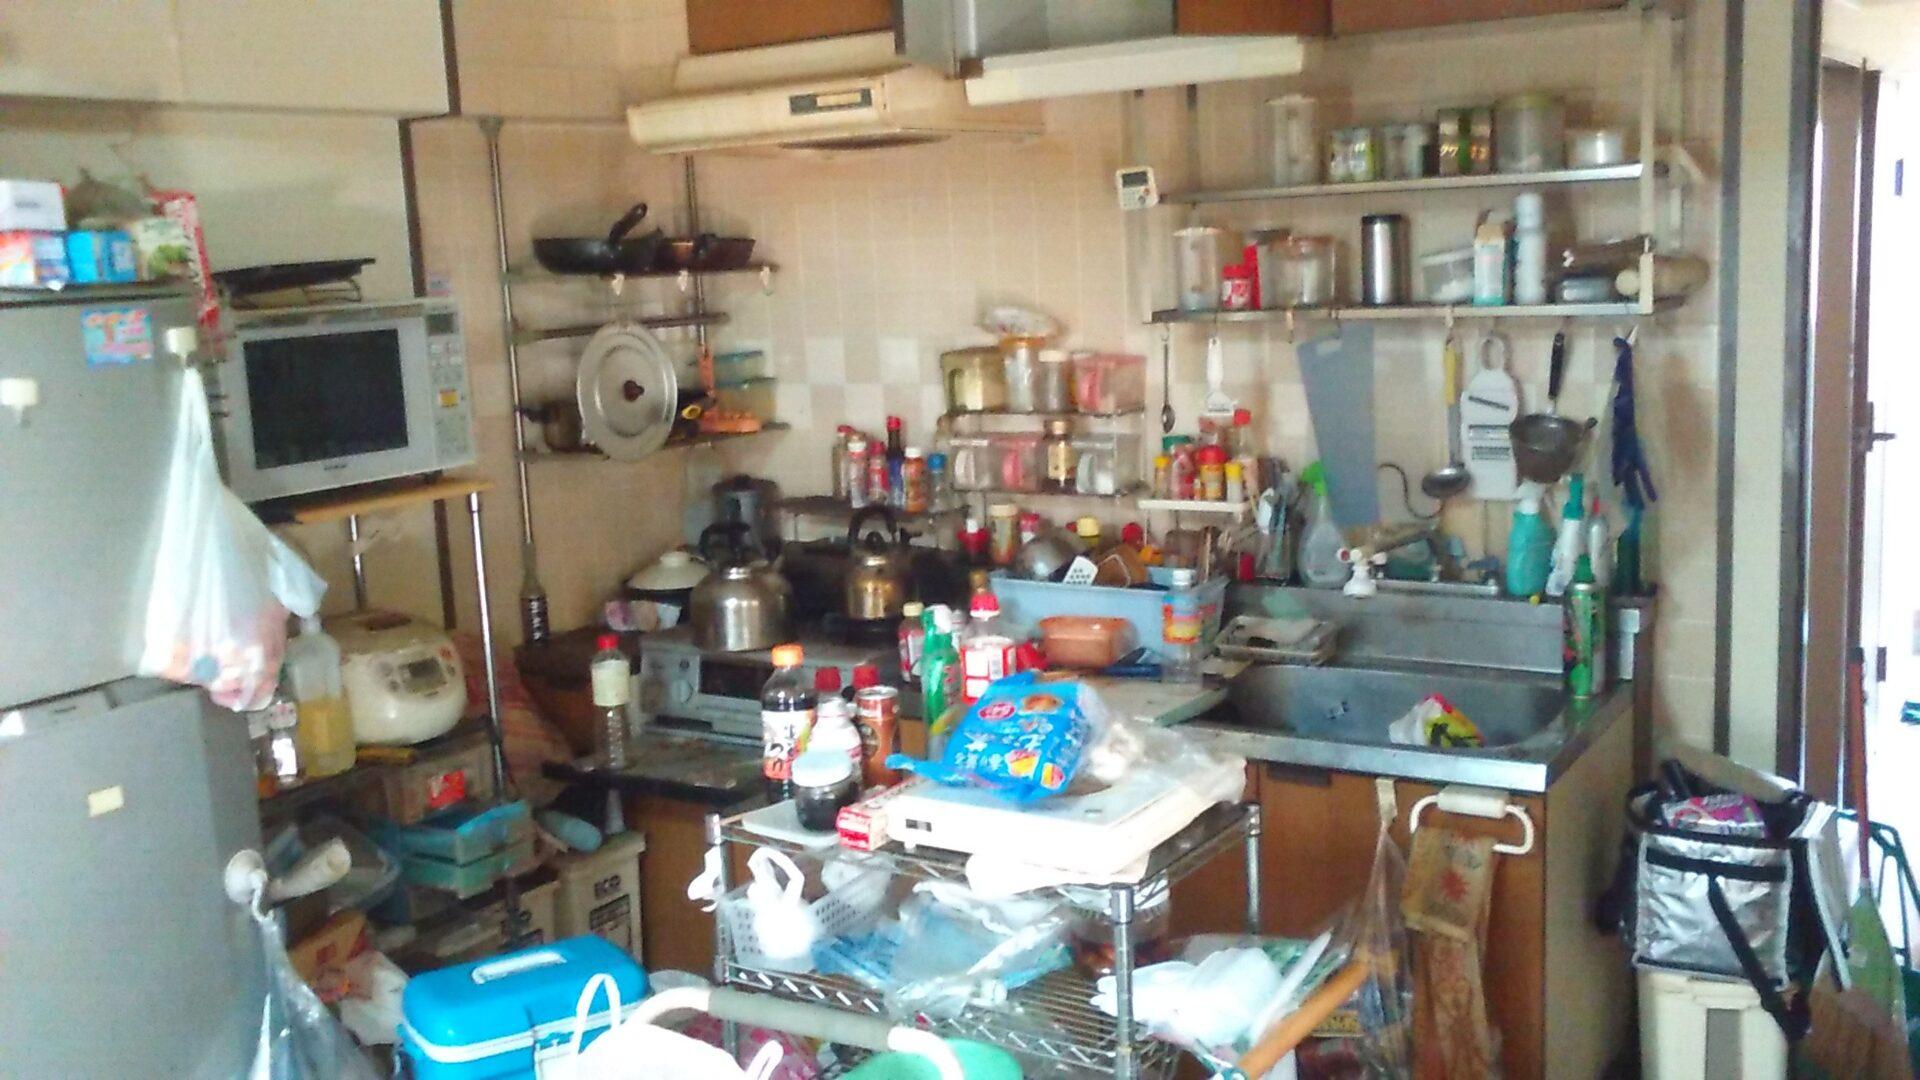 【愛知県名古屋市名東区】引っ越しに伴う生活用品などの片付け